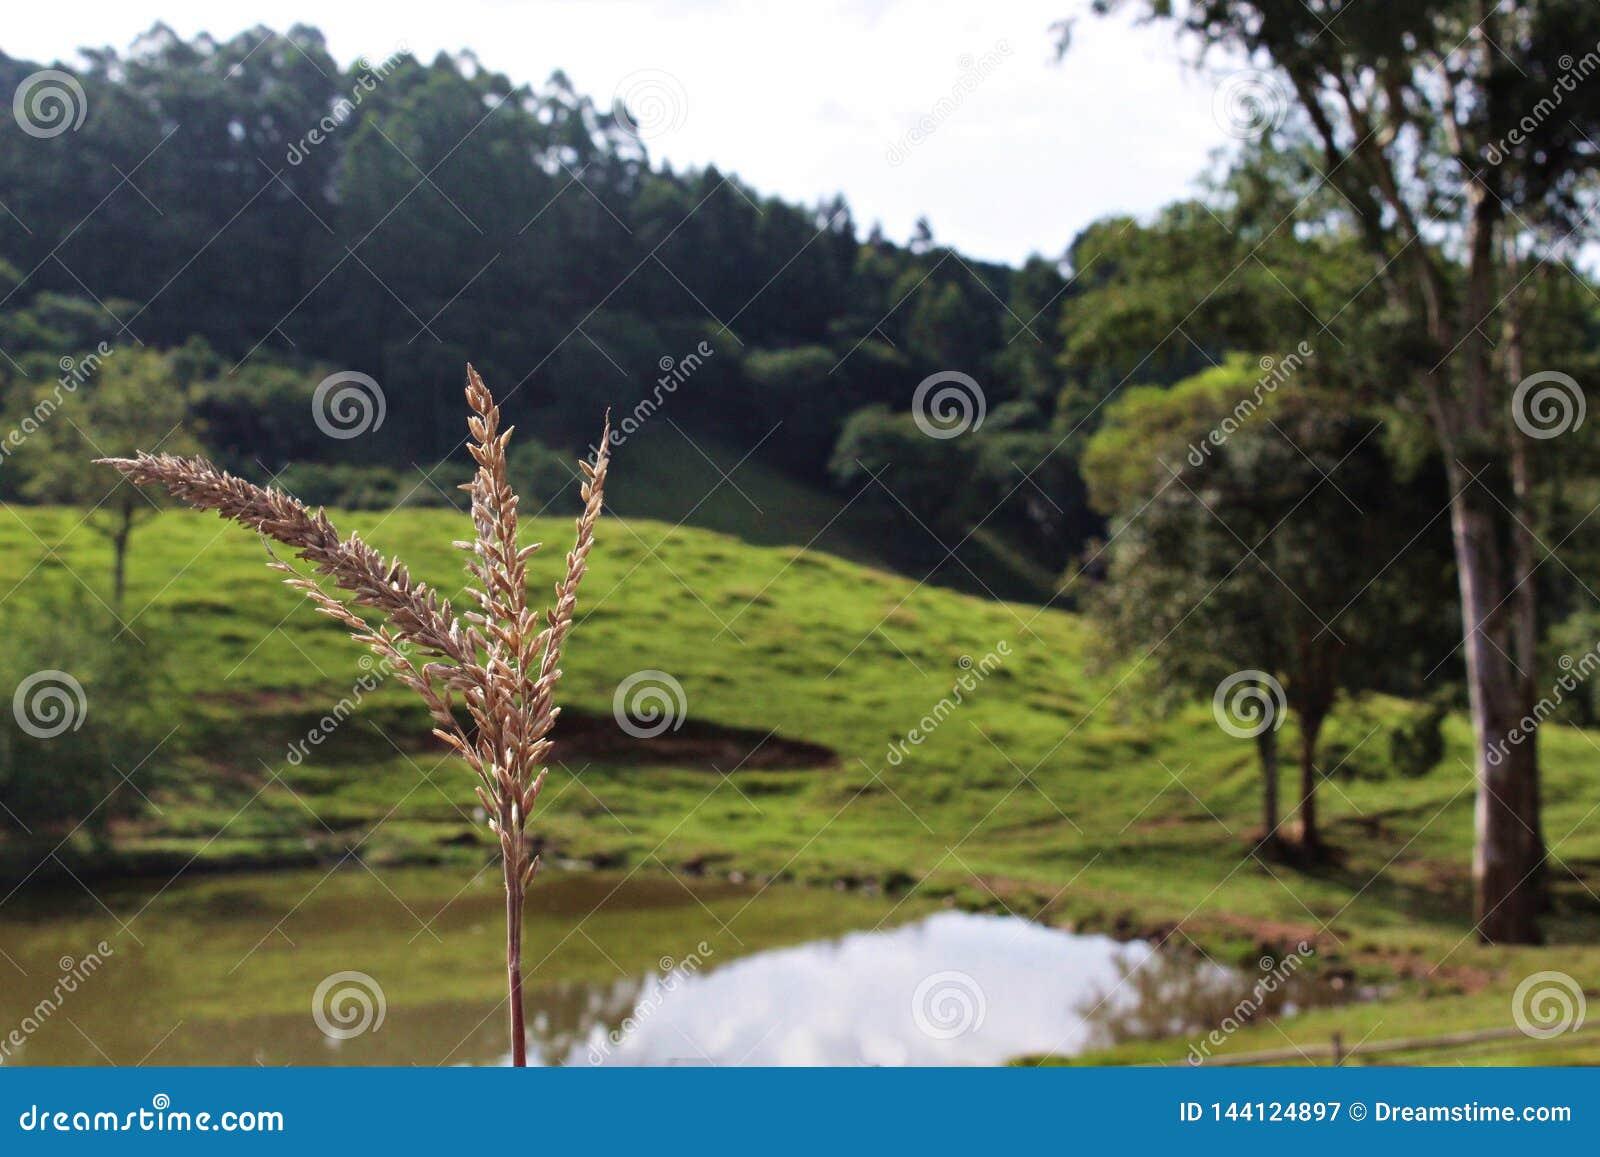 Details über Weizen mit Hintergrund von einem See